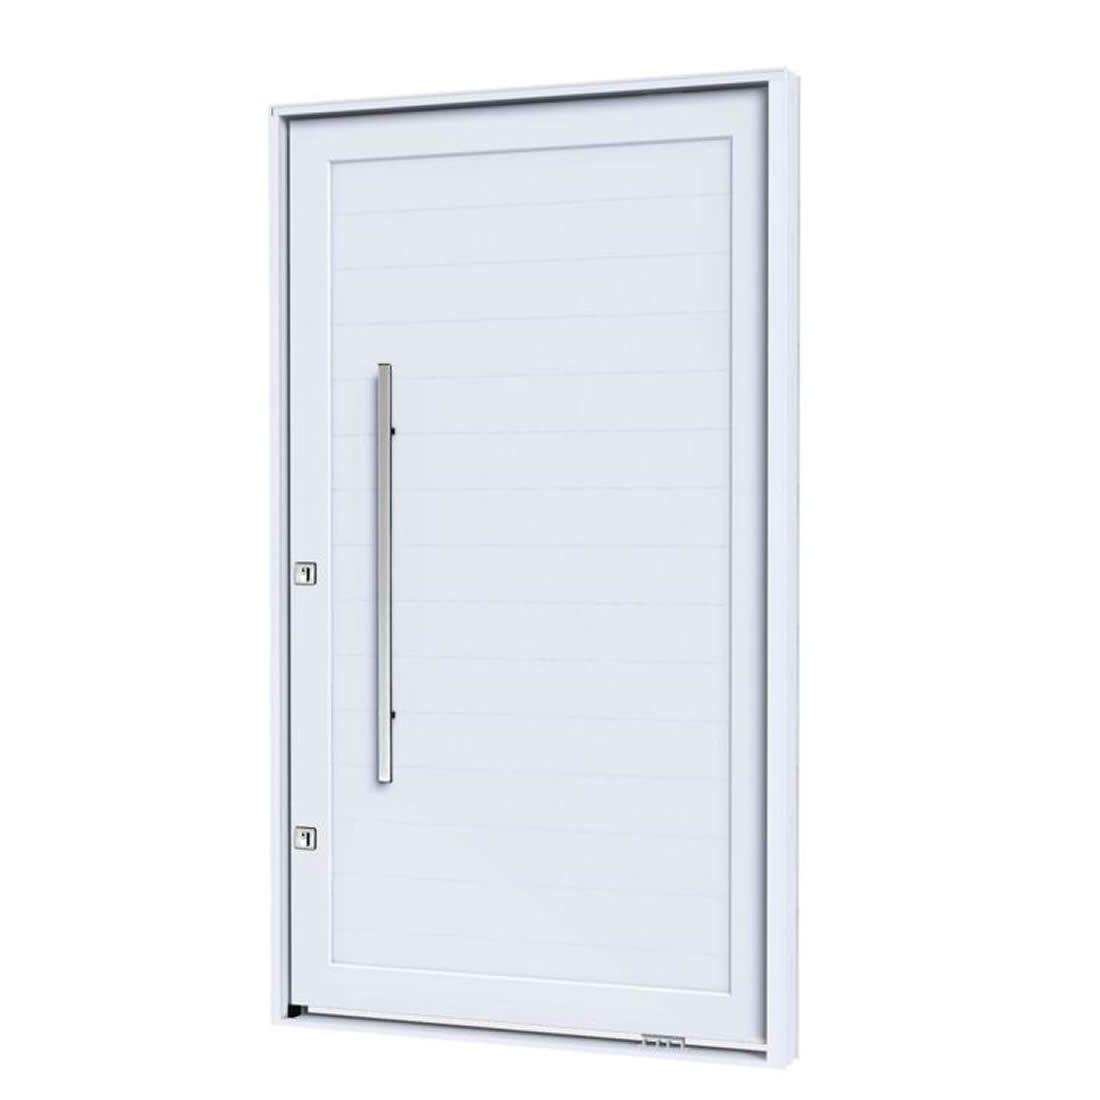 Porta Pivotante de Aluminio Branca Sem Friso Abertura Direita Ref: 9194.2